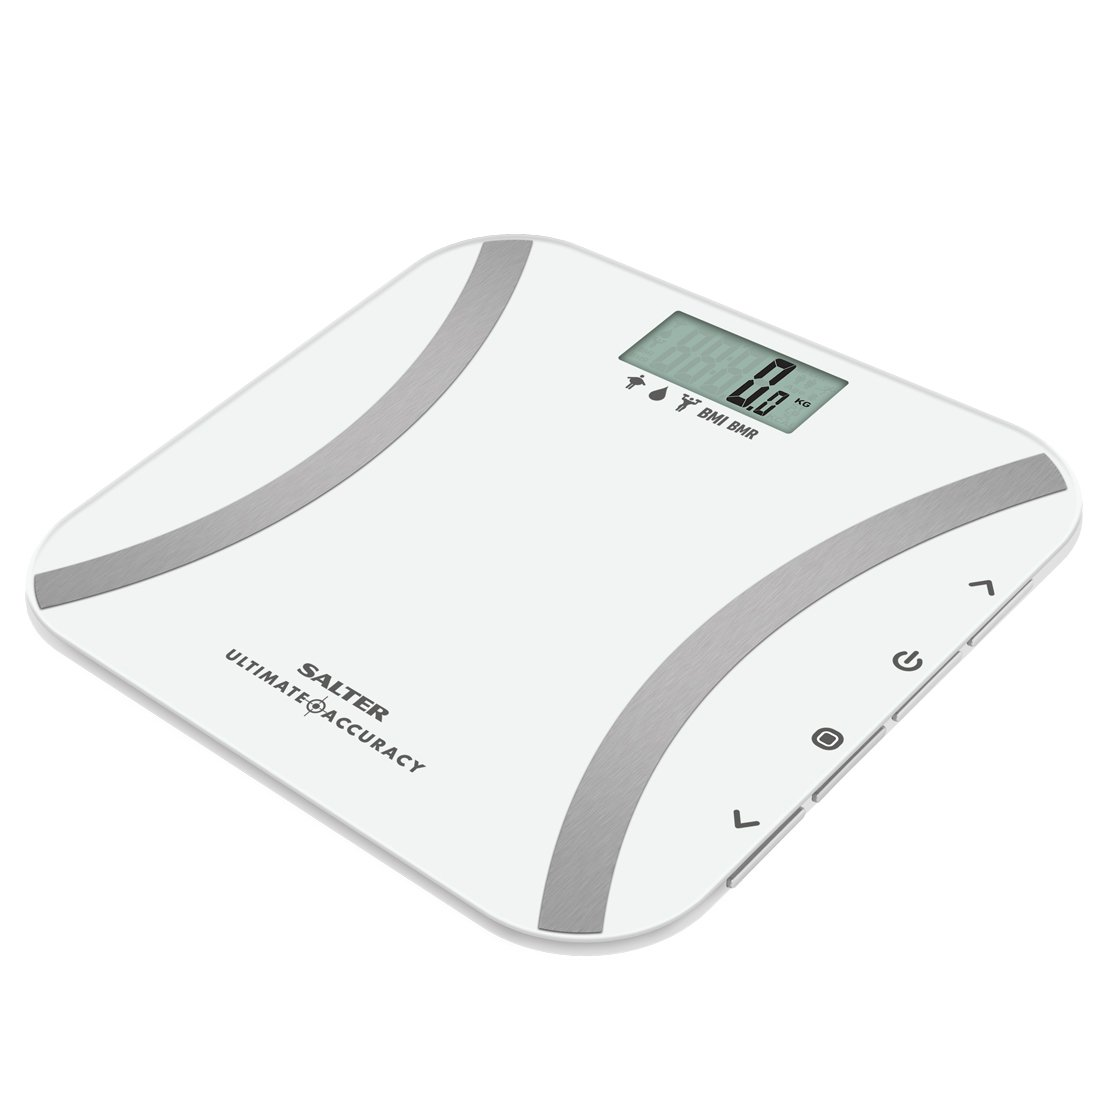 Incrementi di 50 g Funzione memoria per 12 persone Indice di massa corporea BMR Salter Bilancia Pesapersona Analizzatrice Tasso metabolico basale Bianco BMI Garanzia 15 anni